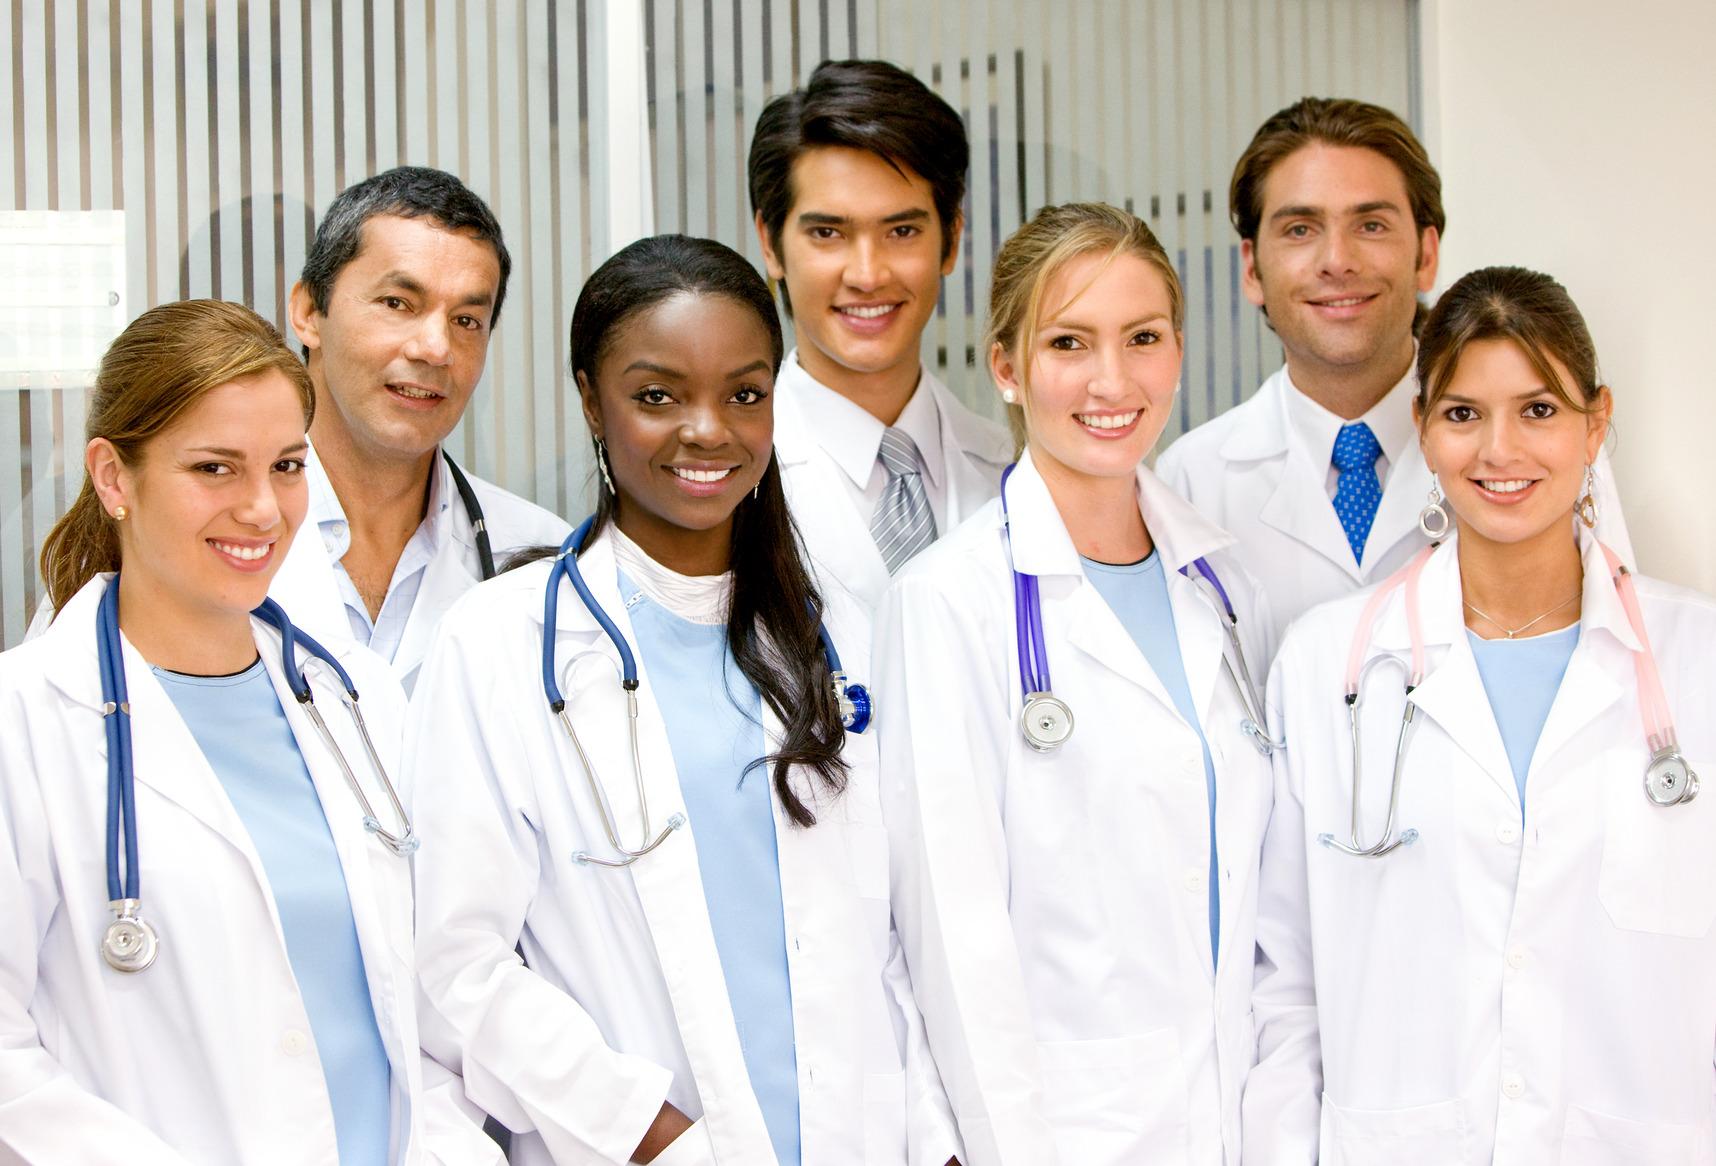 Ärzte und Ärztinnen